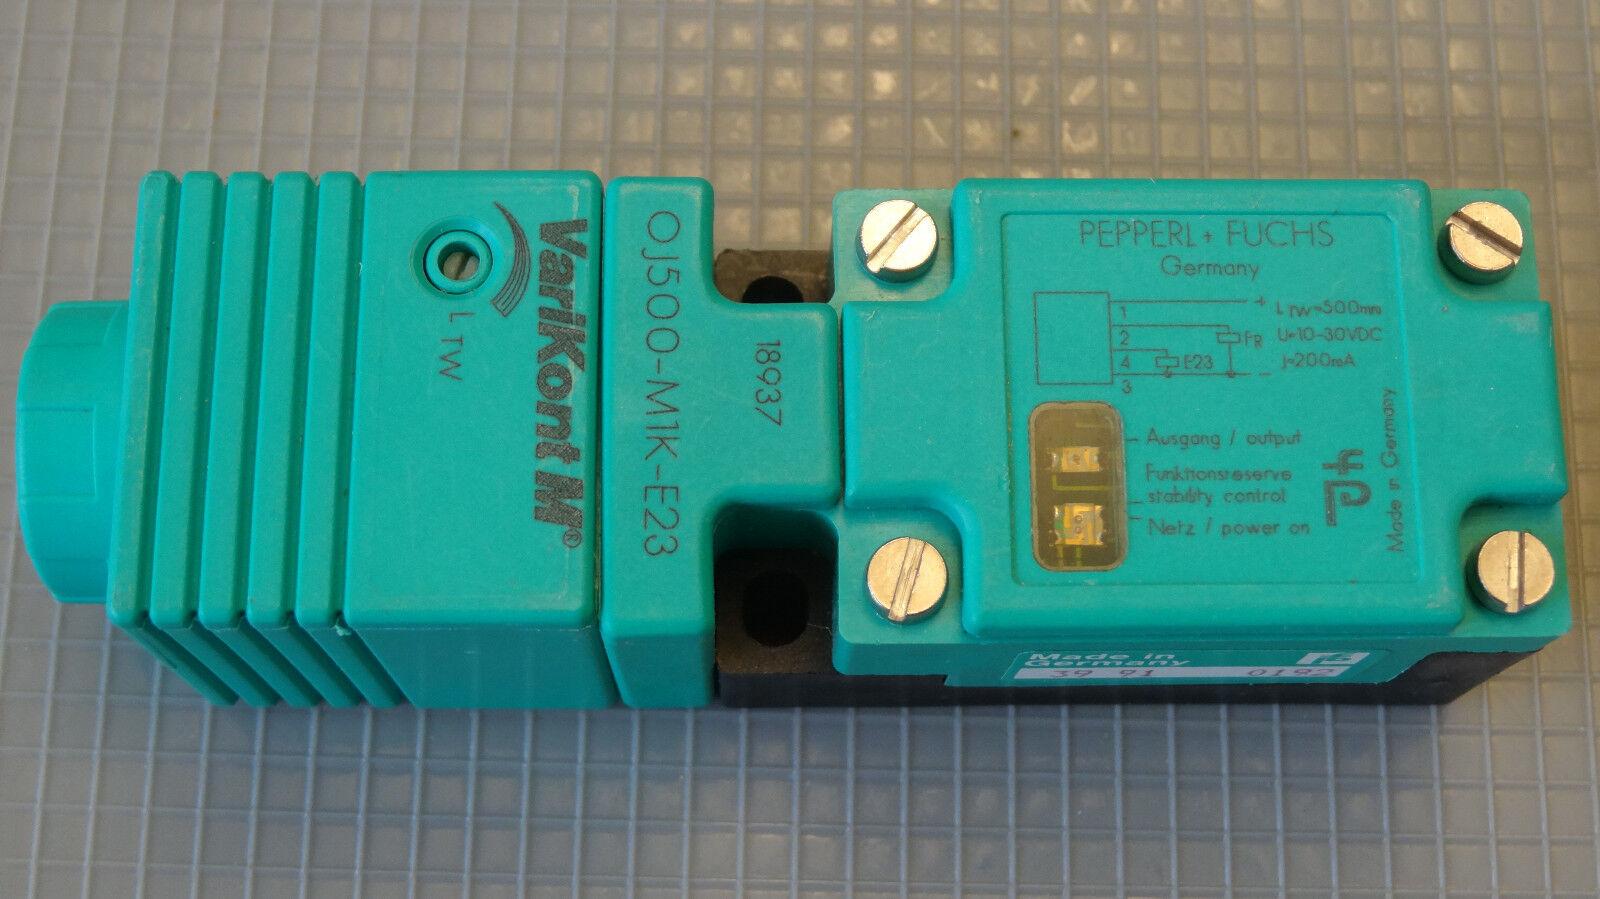 Pepperl+Fuchs (12) Lichtleitersensor  OJ500-M1K-E23  18937